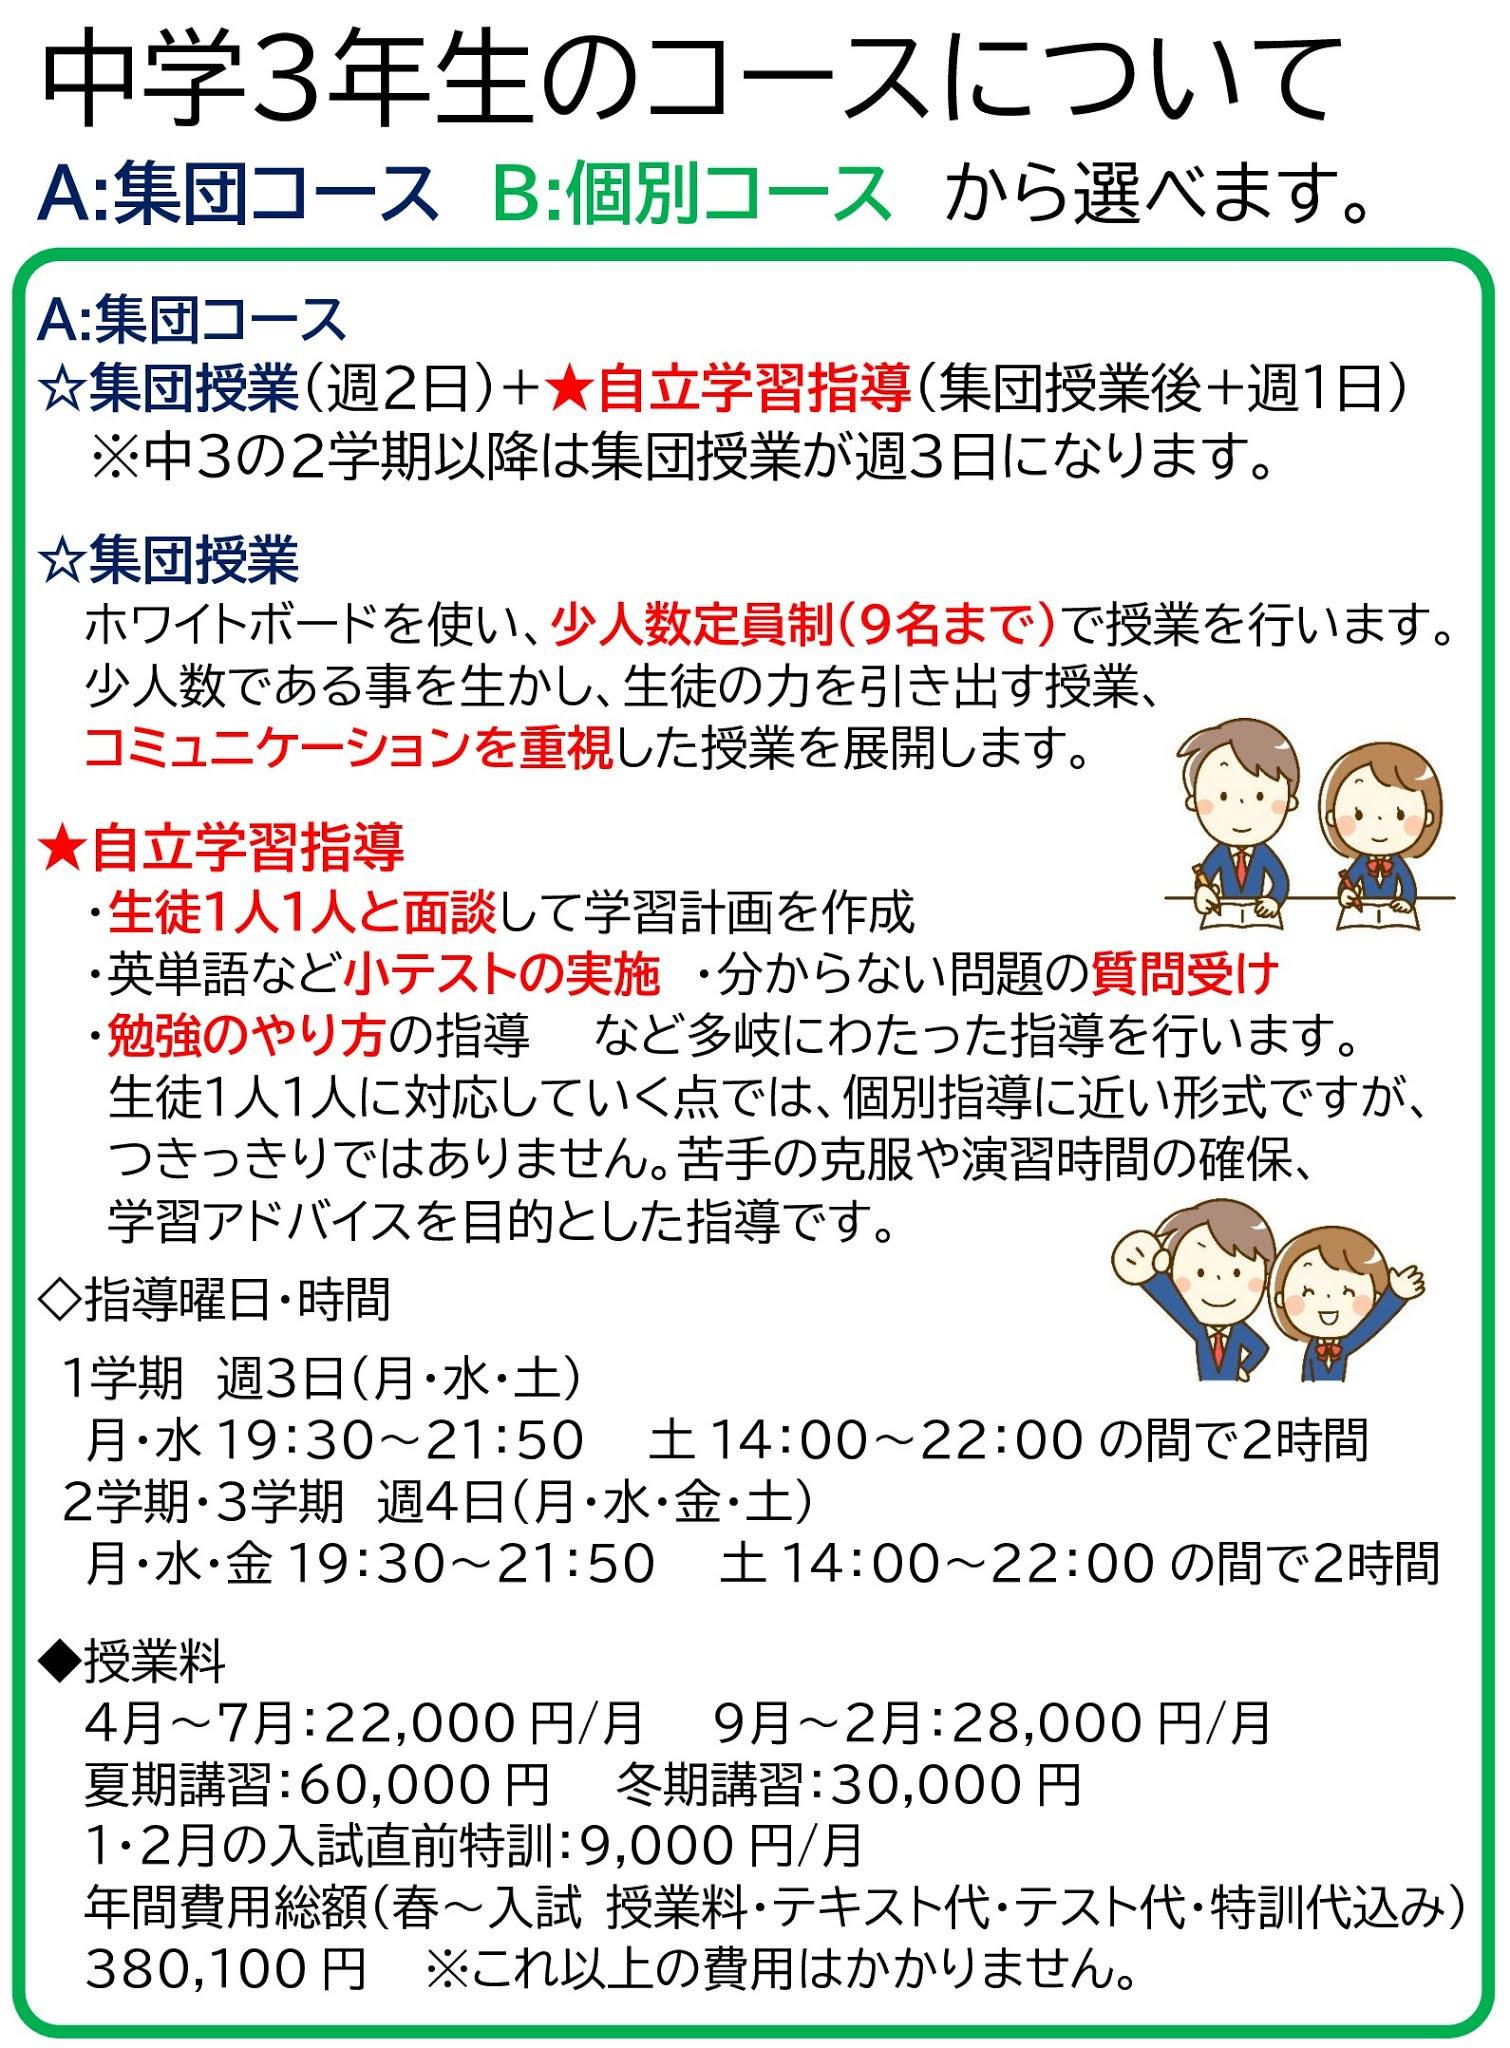 中学3年生 集団コース説明